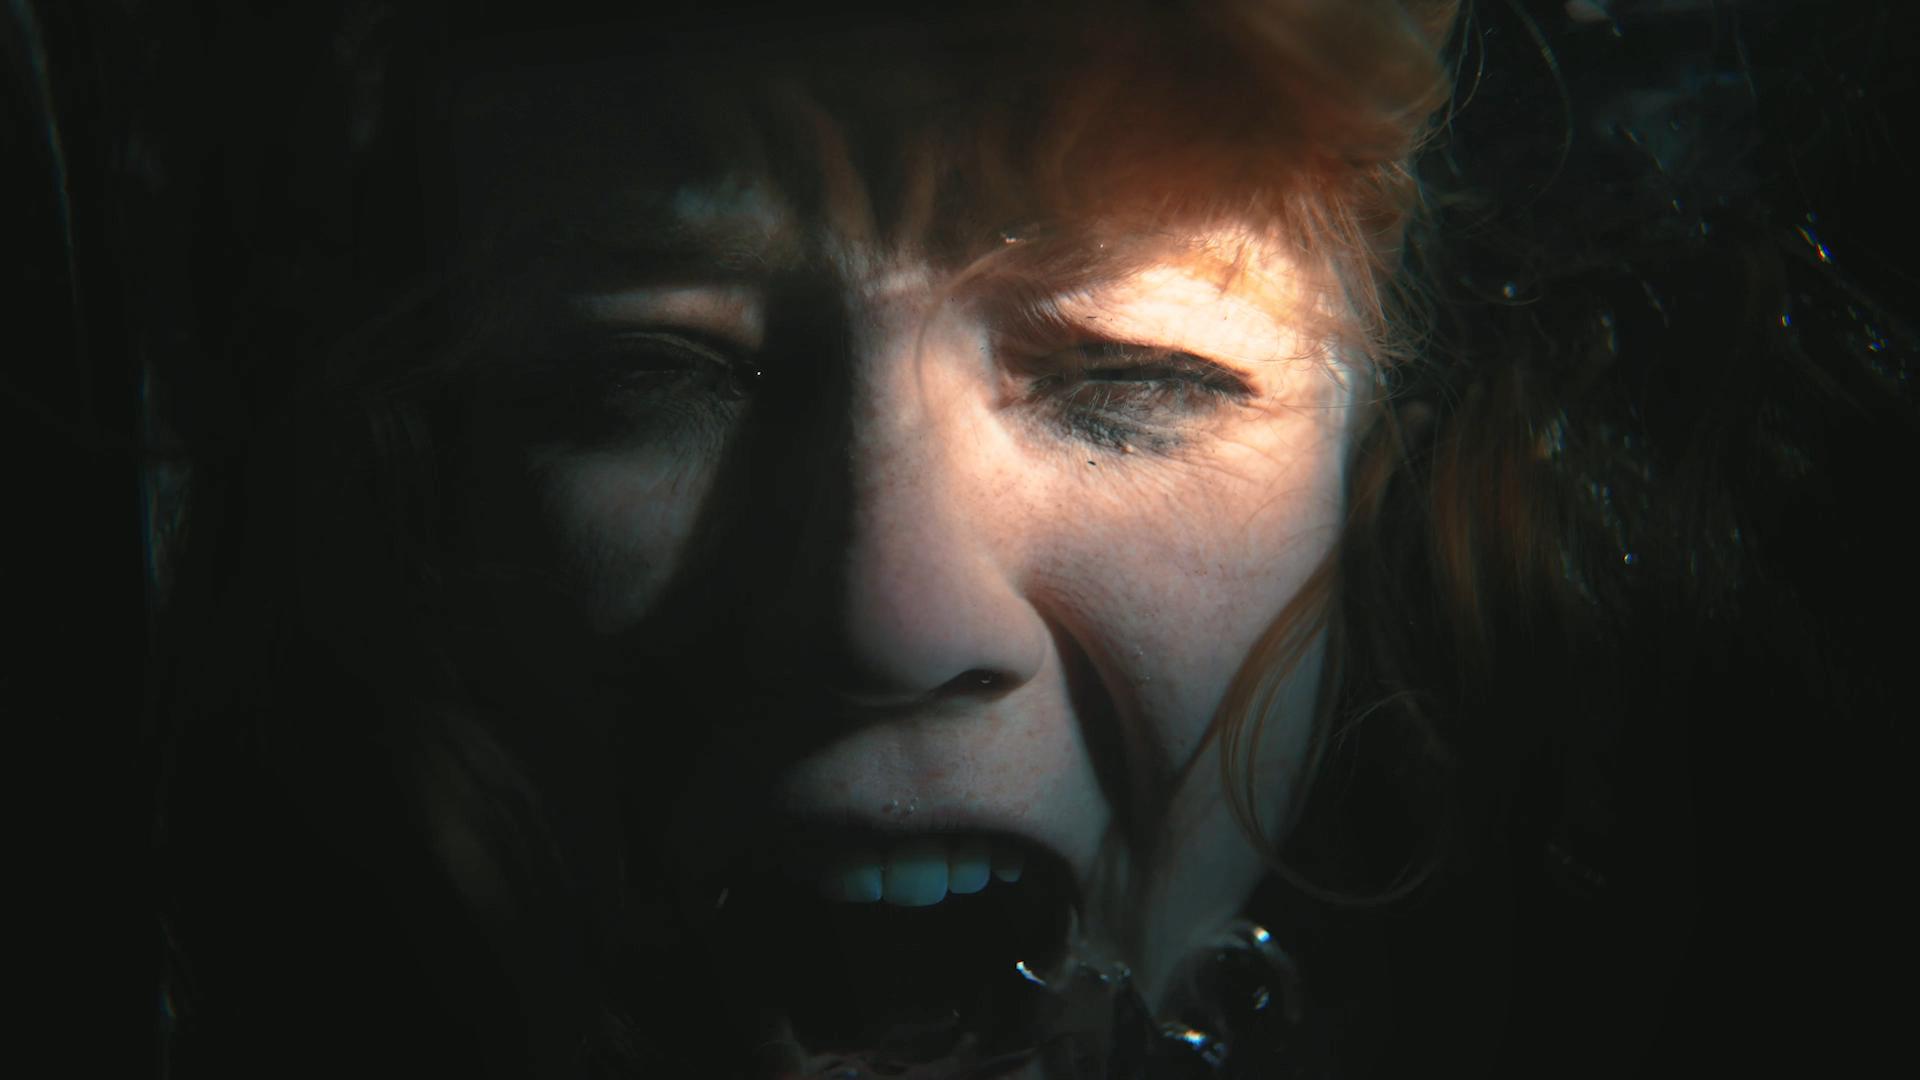 kvinnehode under vann. Øyene er halvvegs lukket og hun skriker.